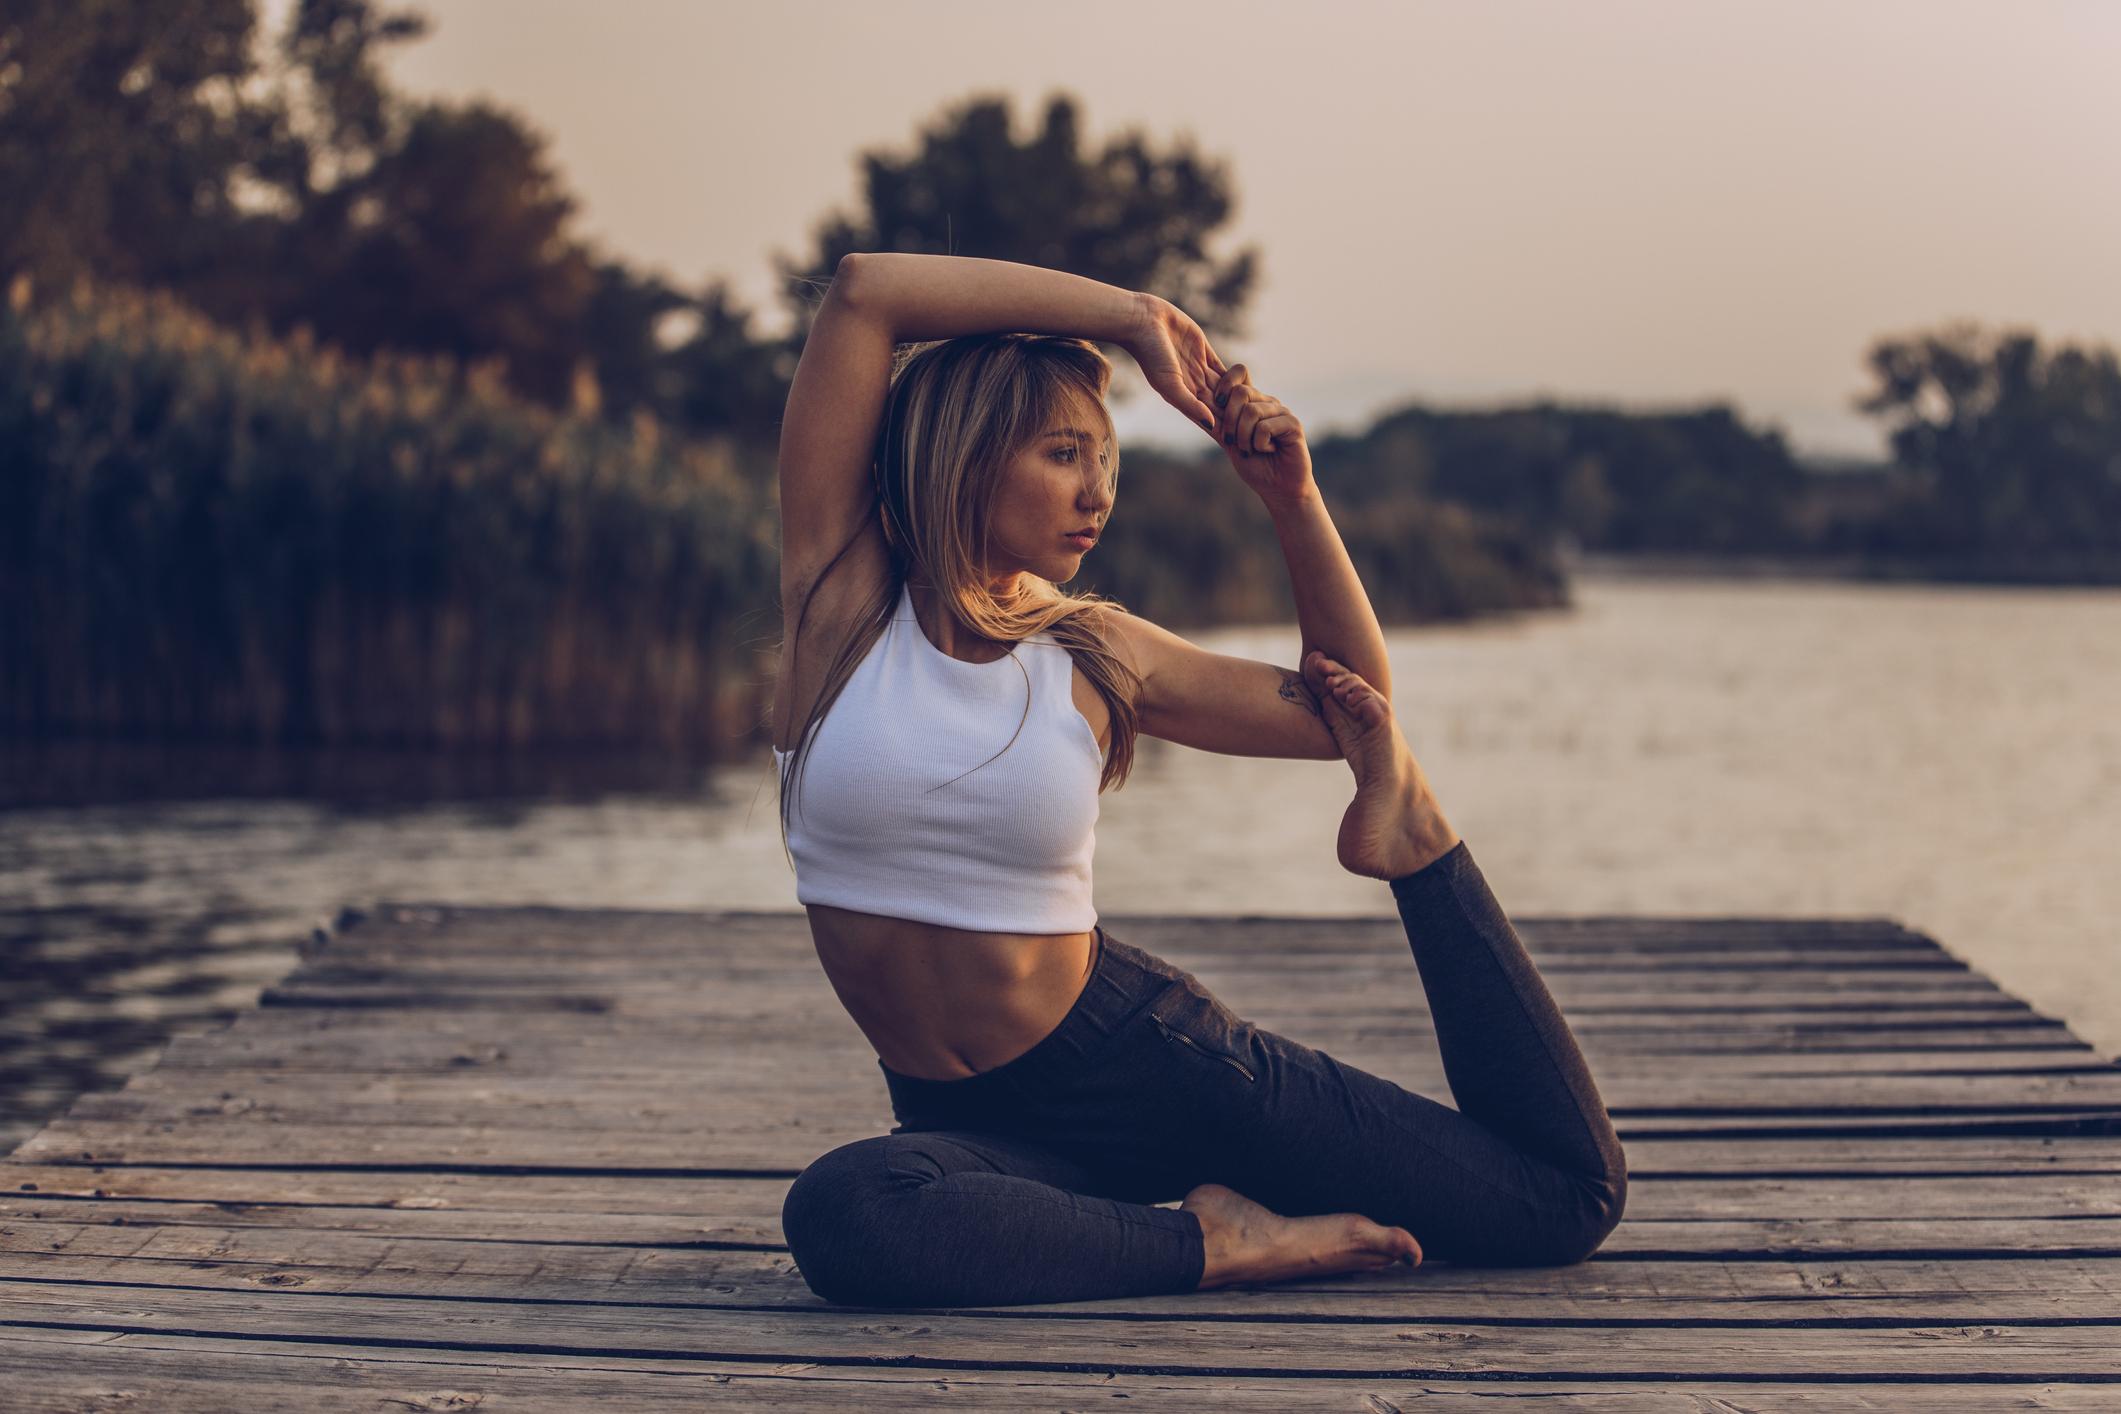 O stadiju hipertenzije ovisi hoće li joga biti dopunsko ili osnovno sredstvo liječenja i kakav će biti volumen i intenzitet vježbanja, što se definira konzultacijama s liječnikom.